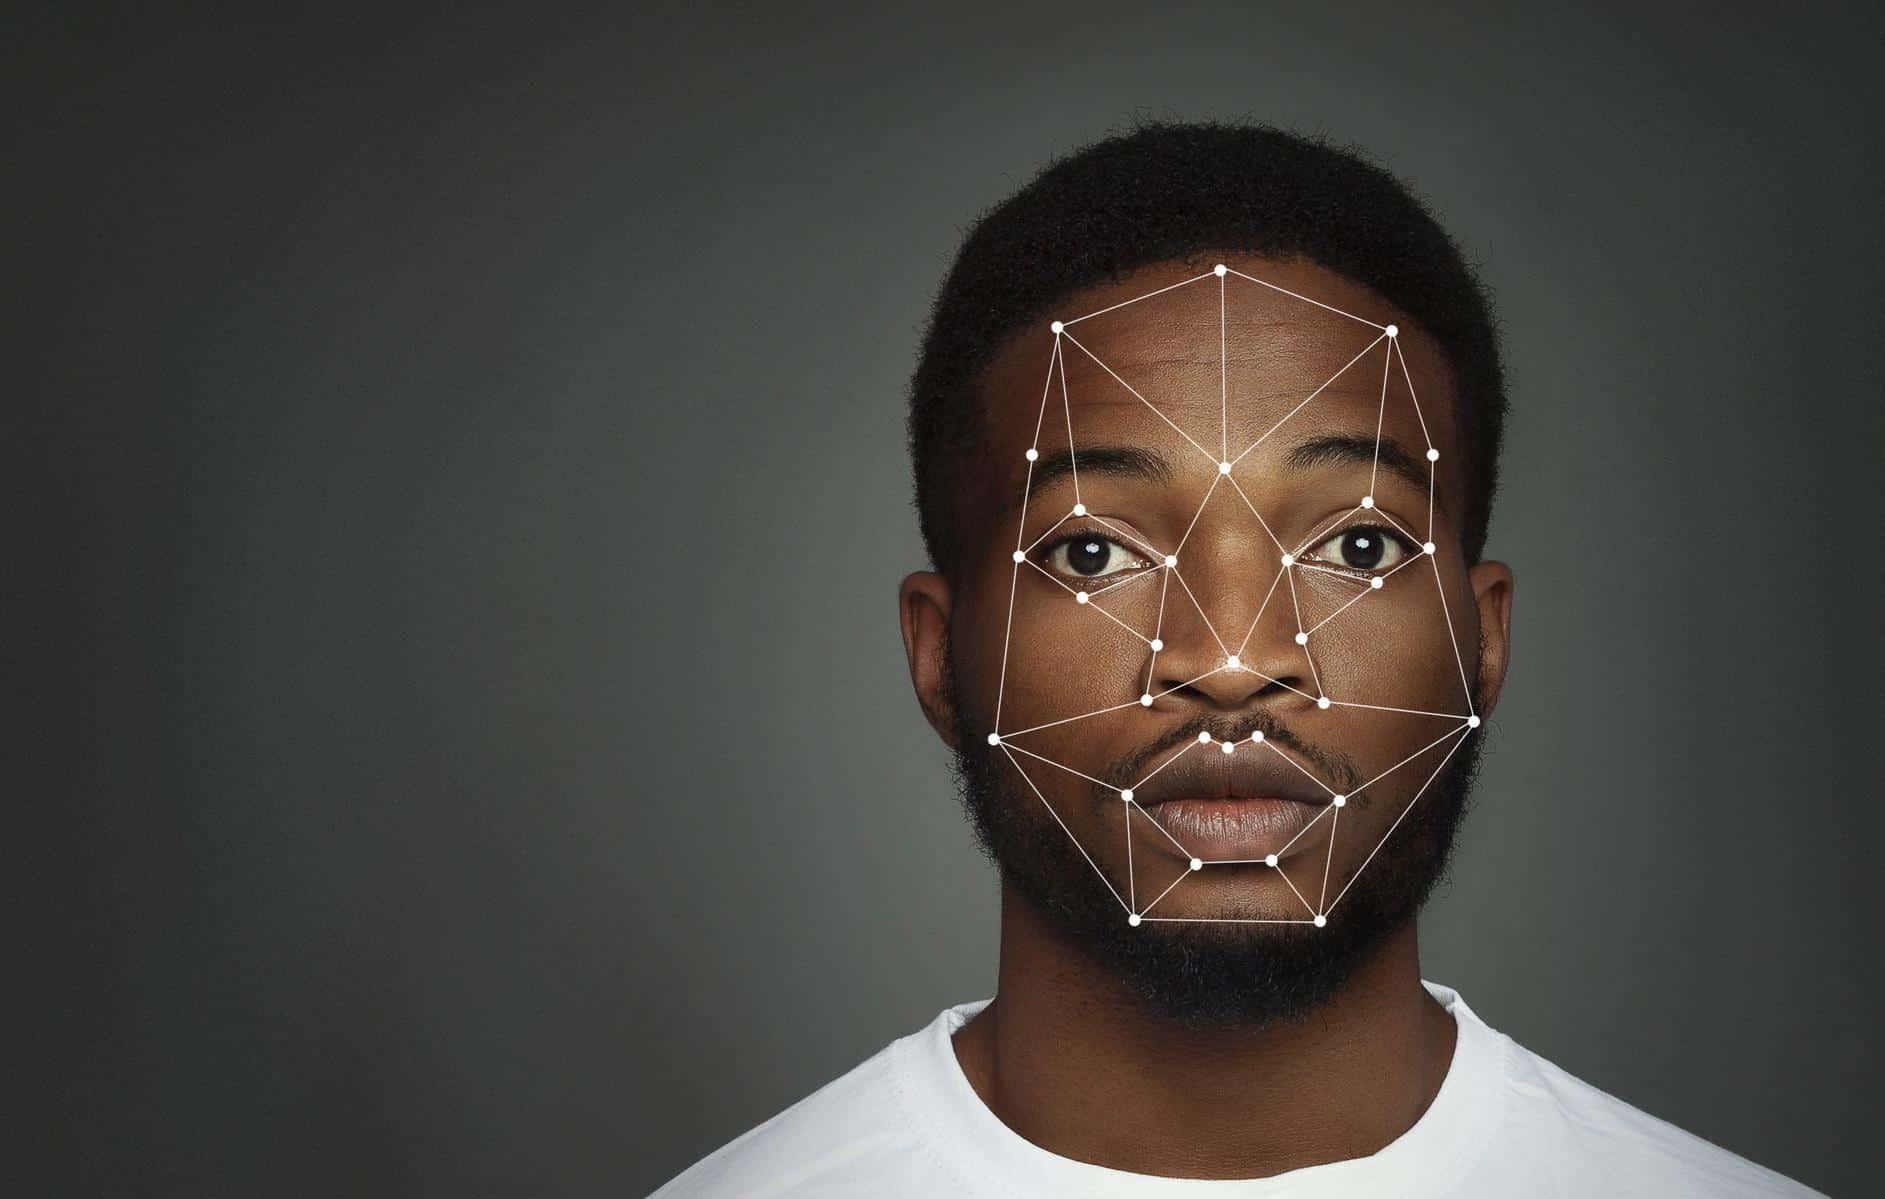 Des études montrent que la reconnaissance faciale est jusqu'à 10 fois plus sujette aux faux positifs sur les photos en noir que sur les photos blanches